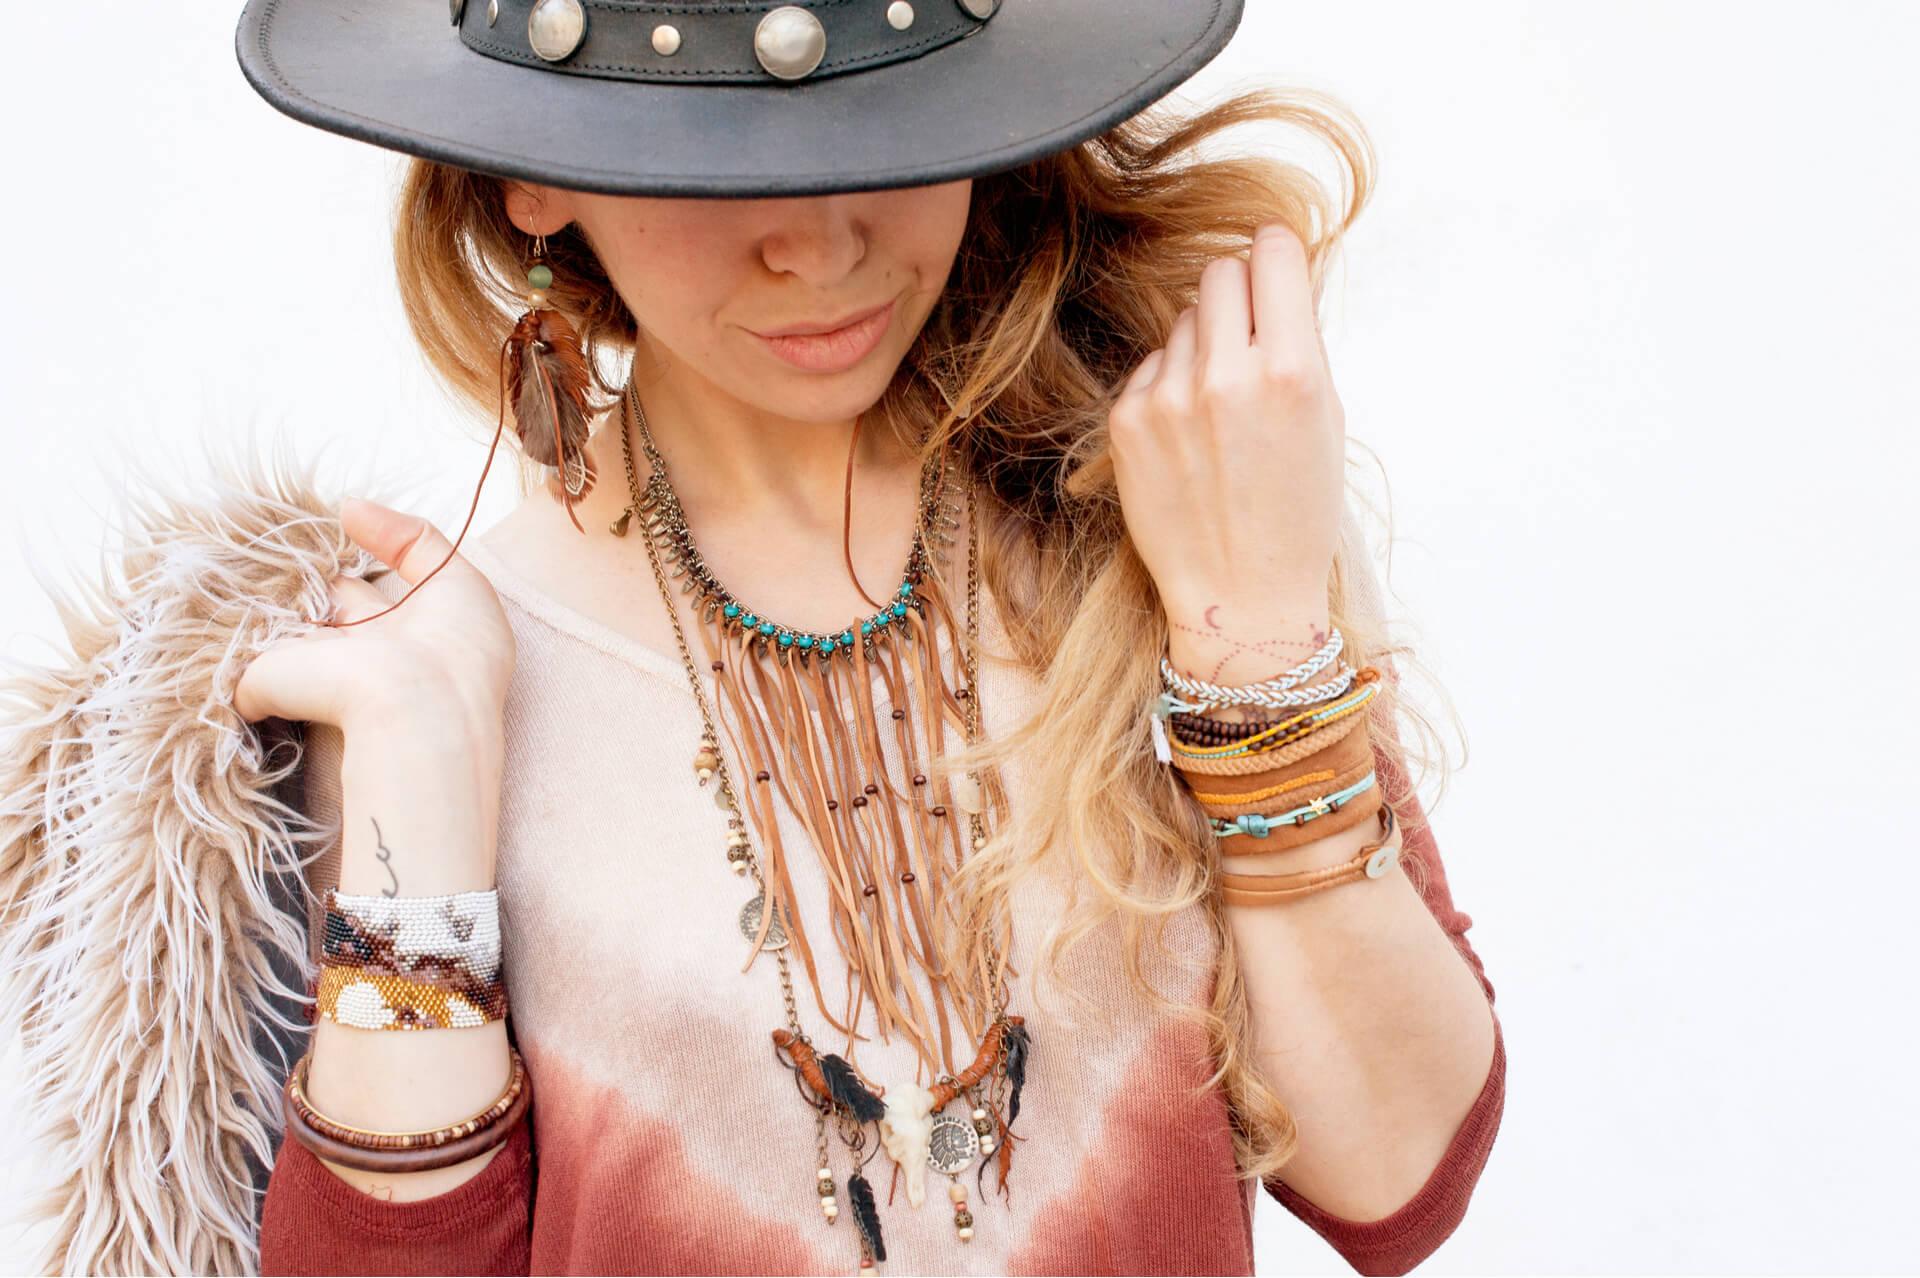 Ce tip de accesorii trebuie sa porti daca iti place stilul boho chic?